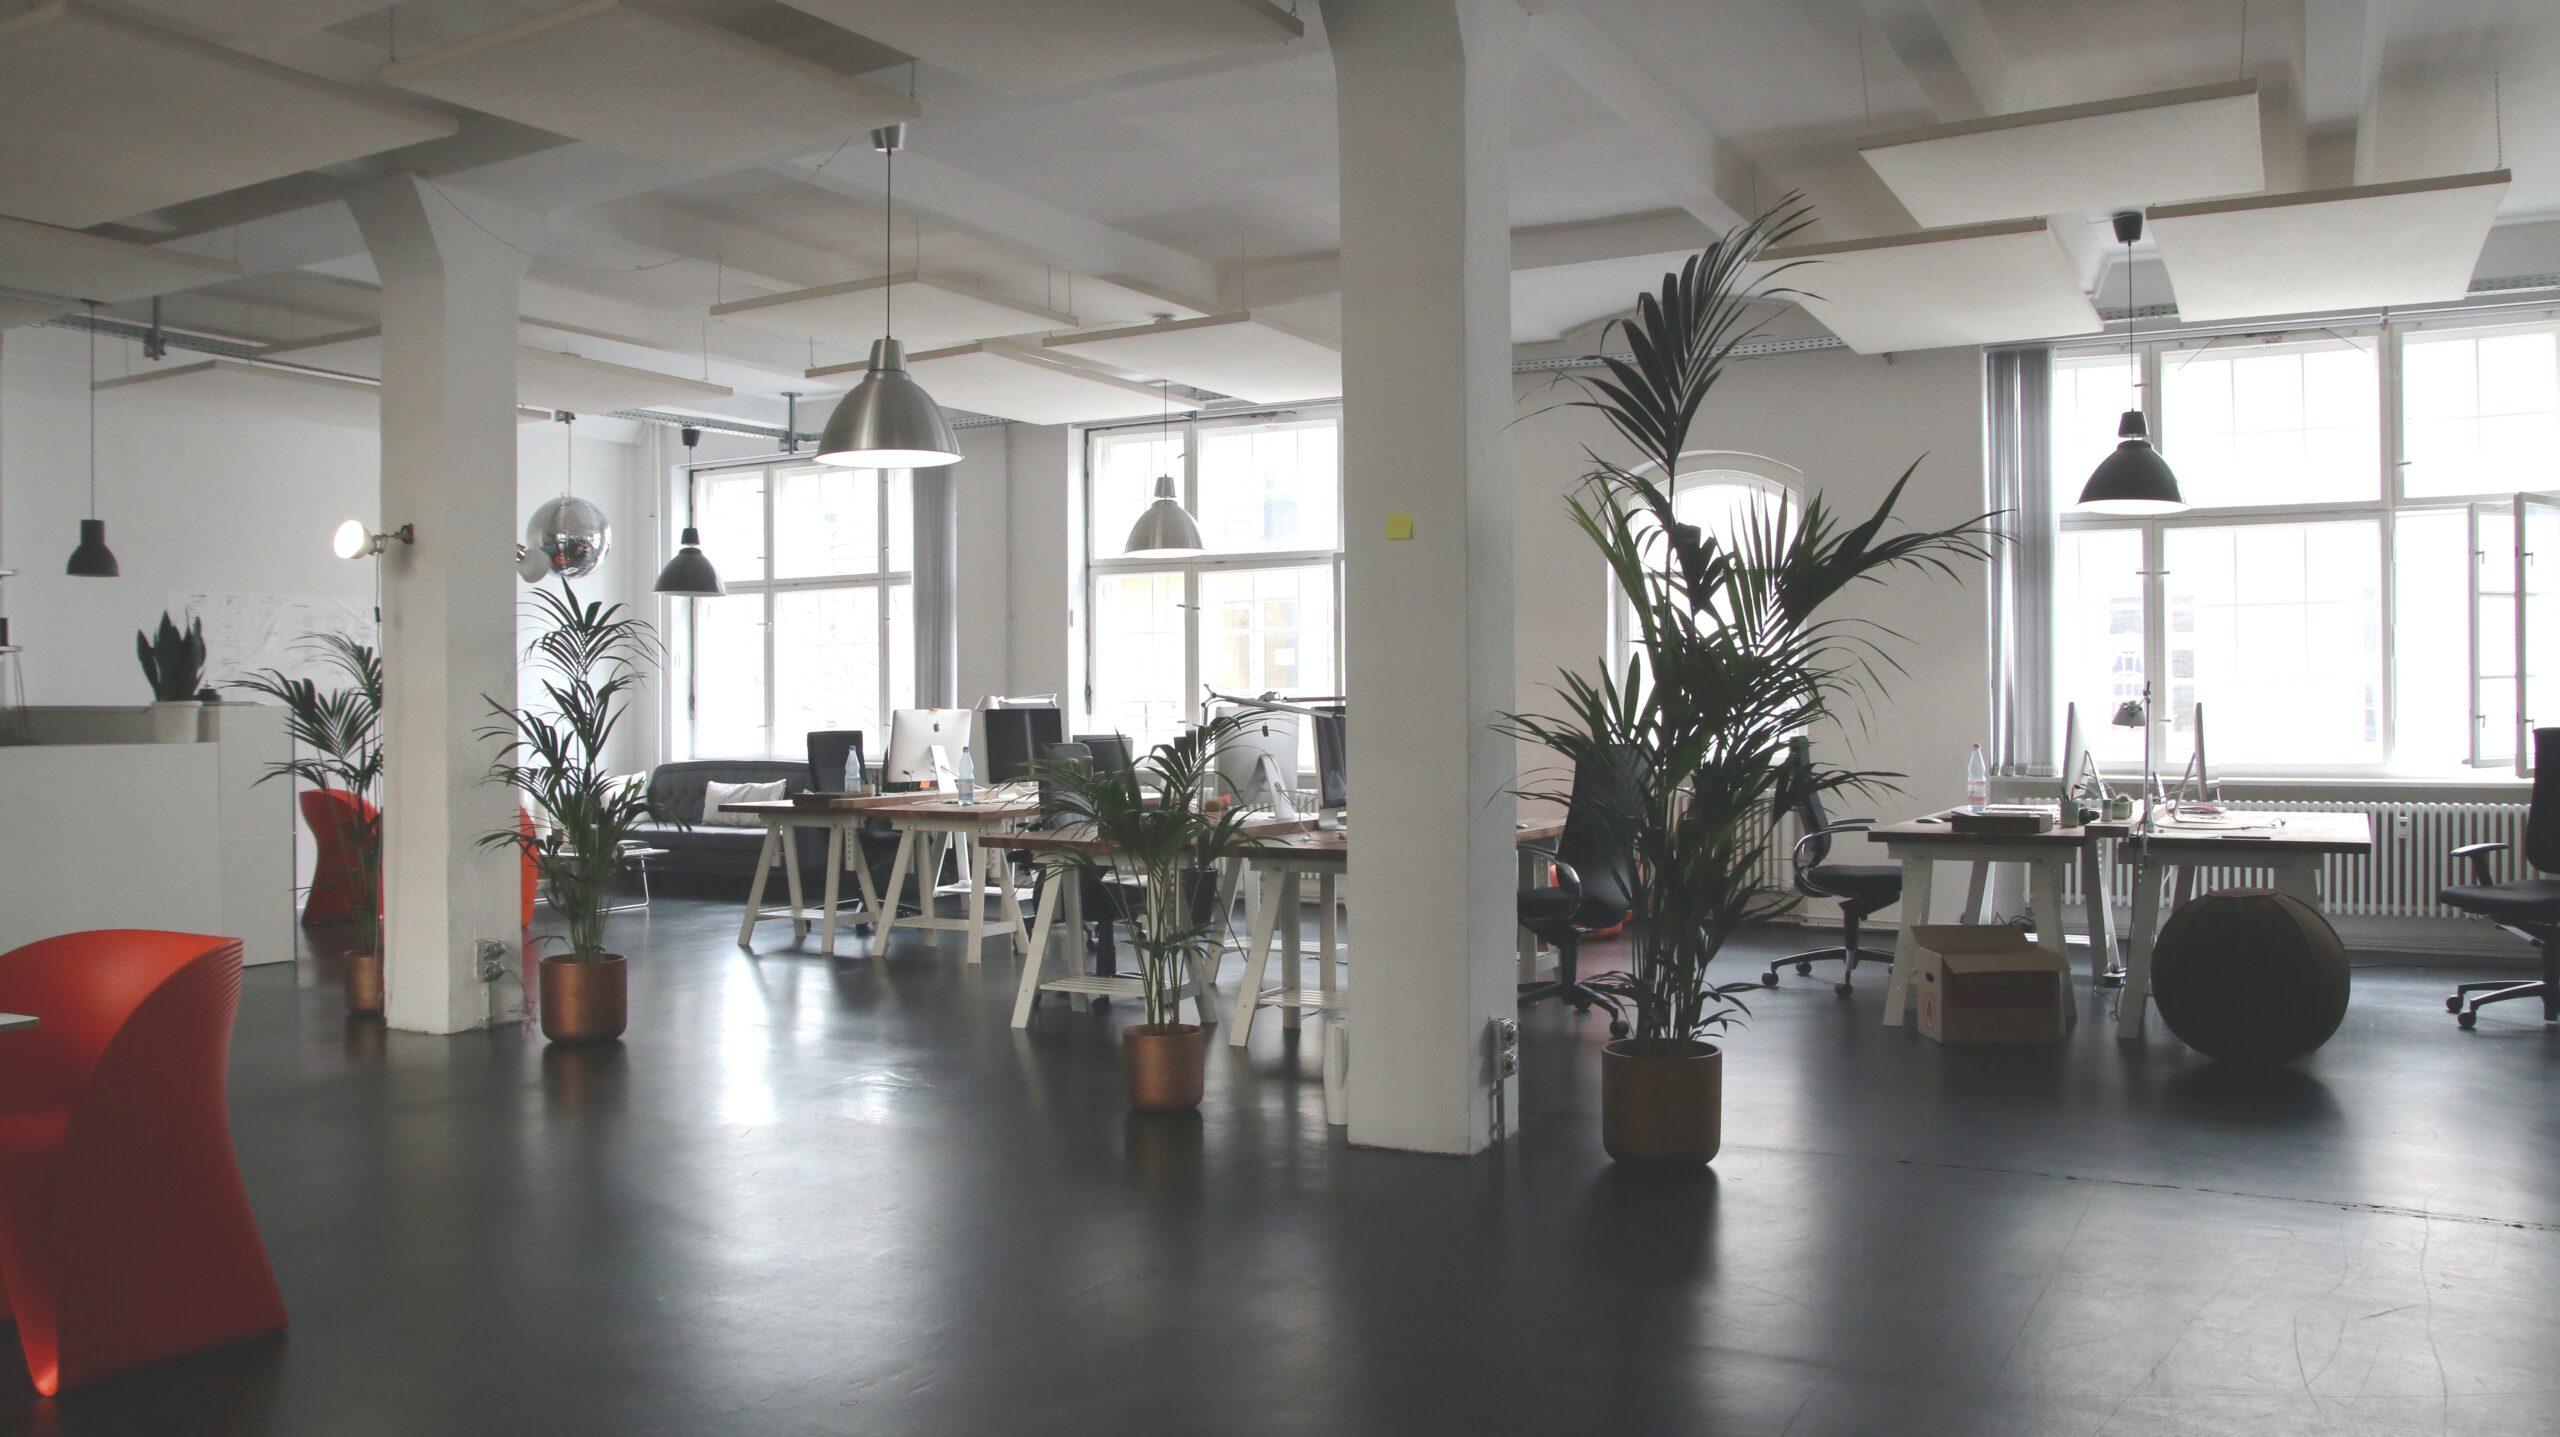 Een kantoorruimte met ene hoog plafond en tafels en stoelen.